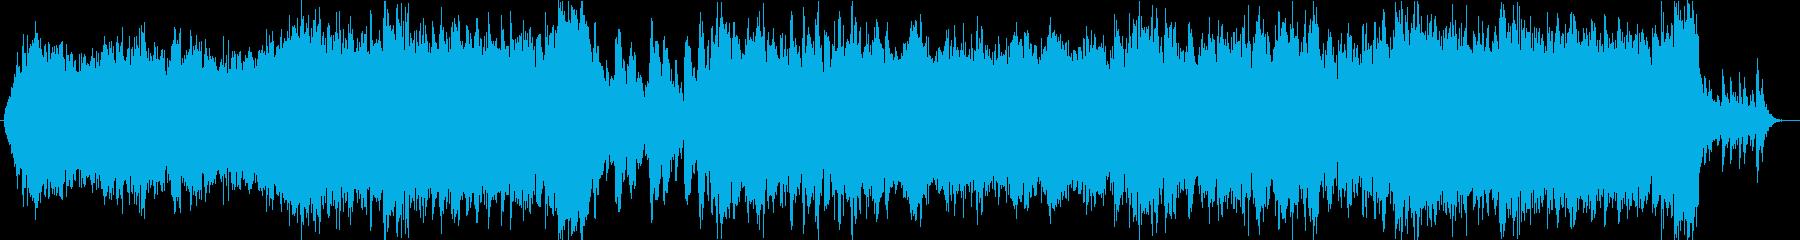 異国風OP合うシネマティックサウンドの再生済みの波形